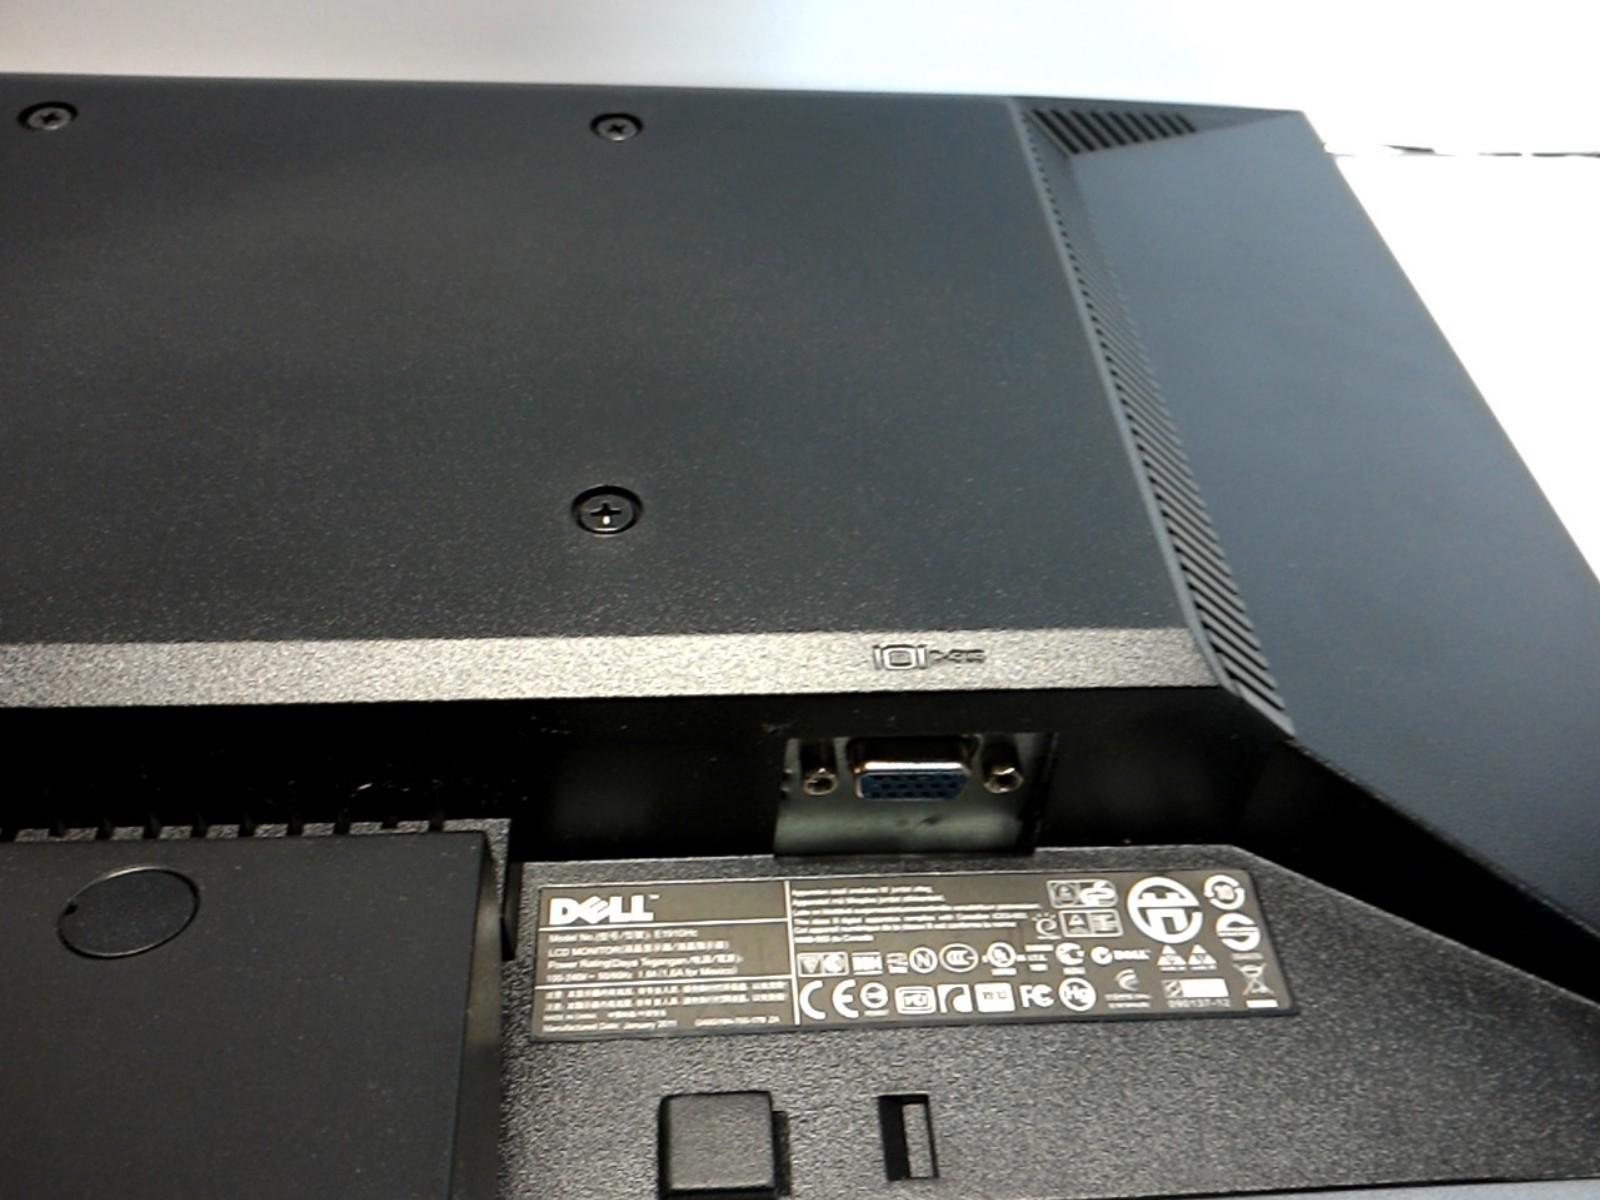 Monitor Power Button : Dell e hc quot widescreen lcd monitor w vga power